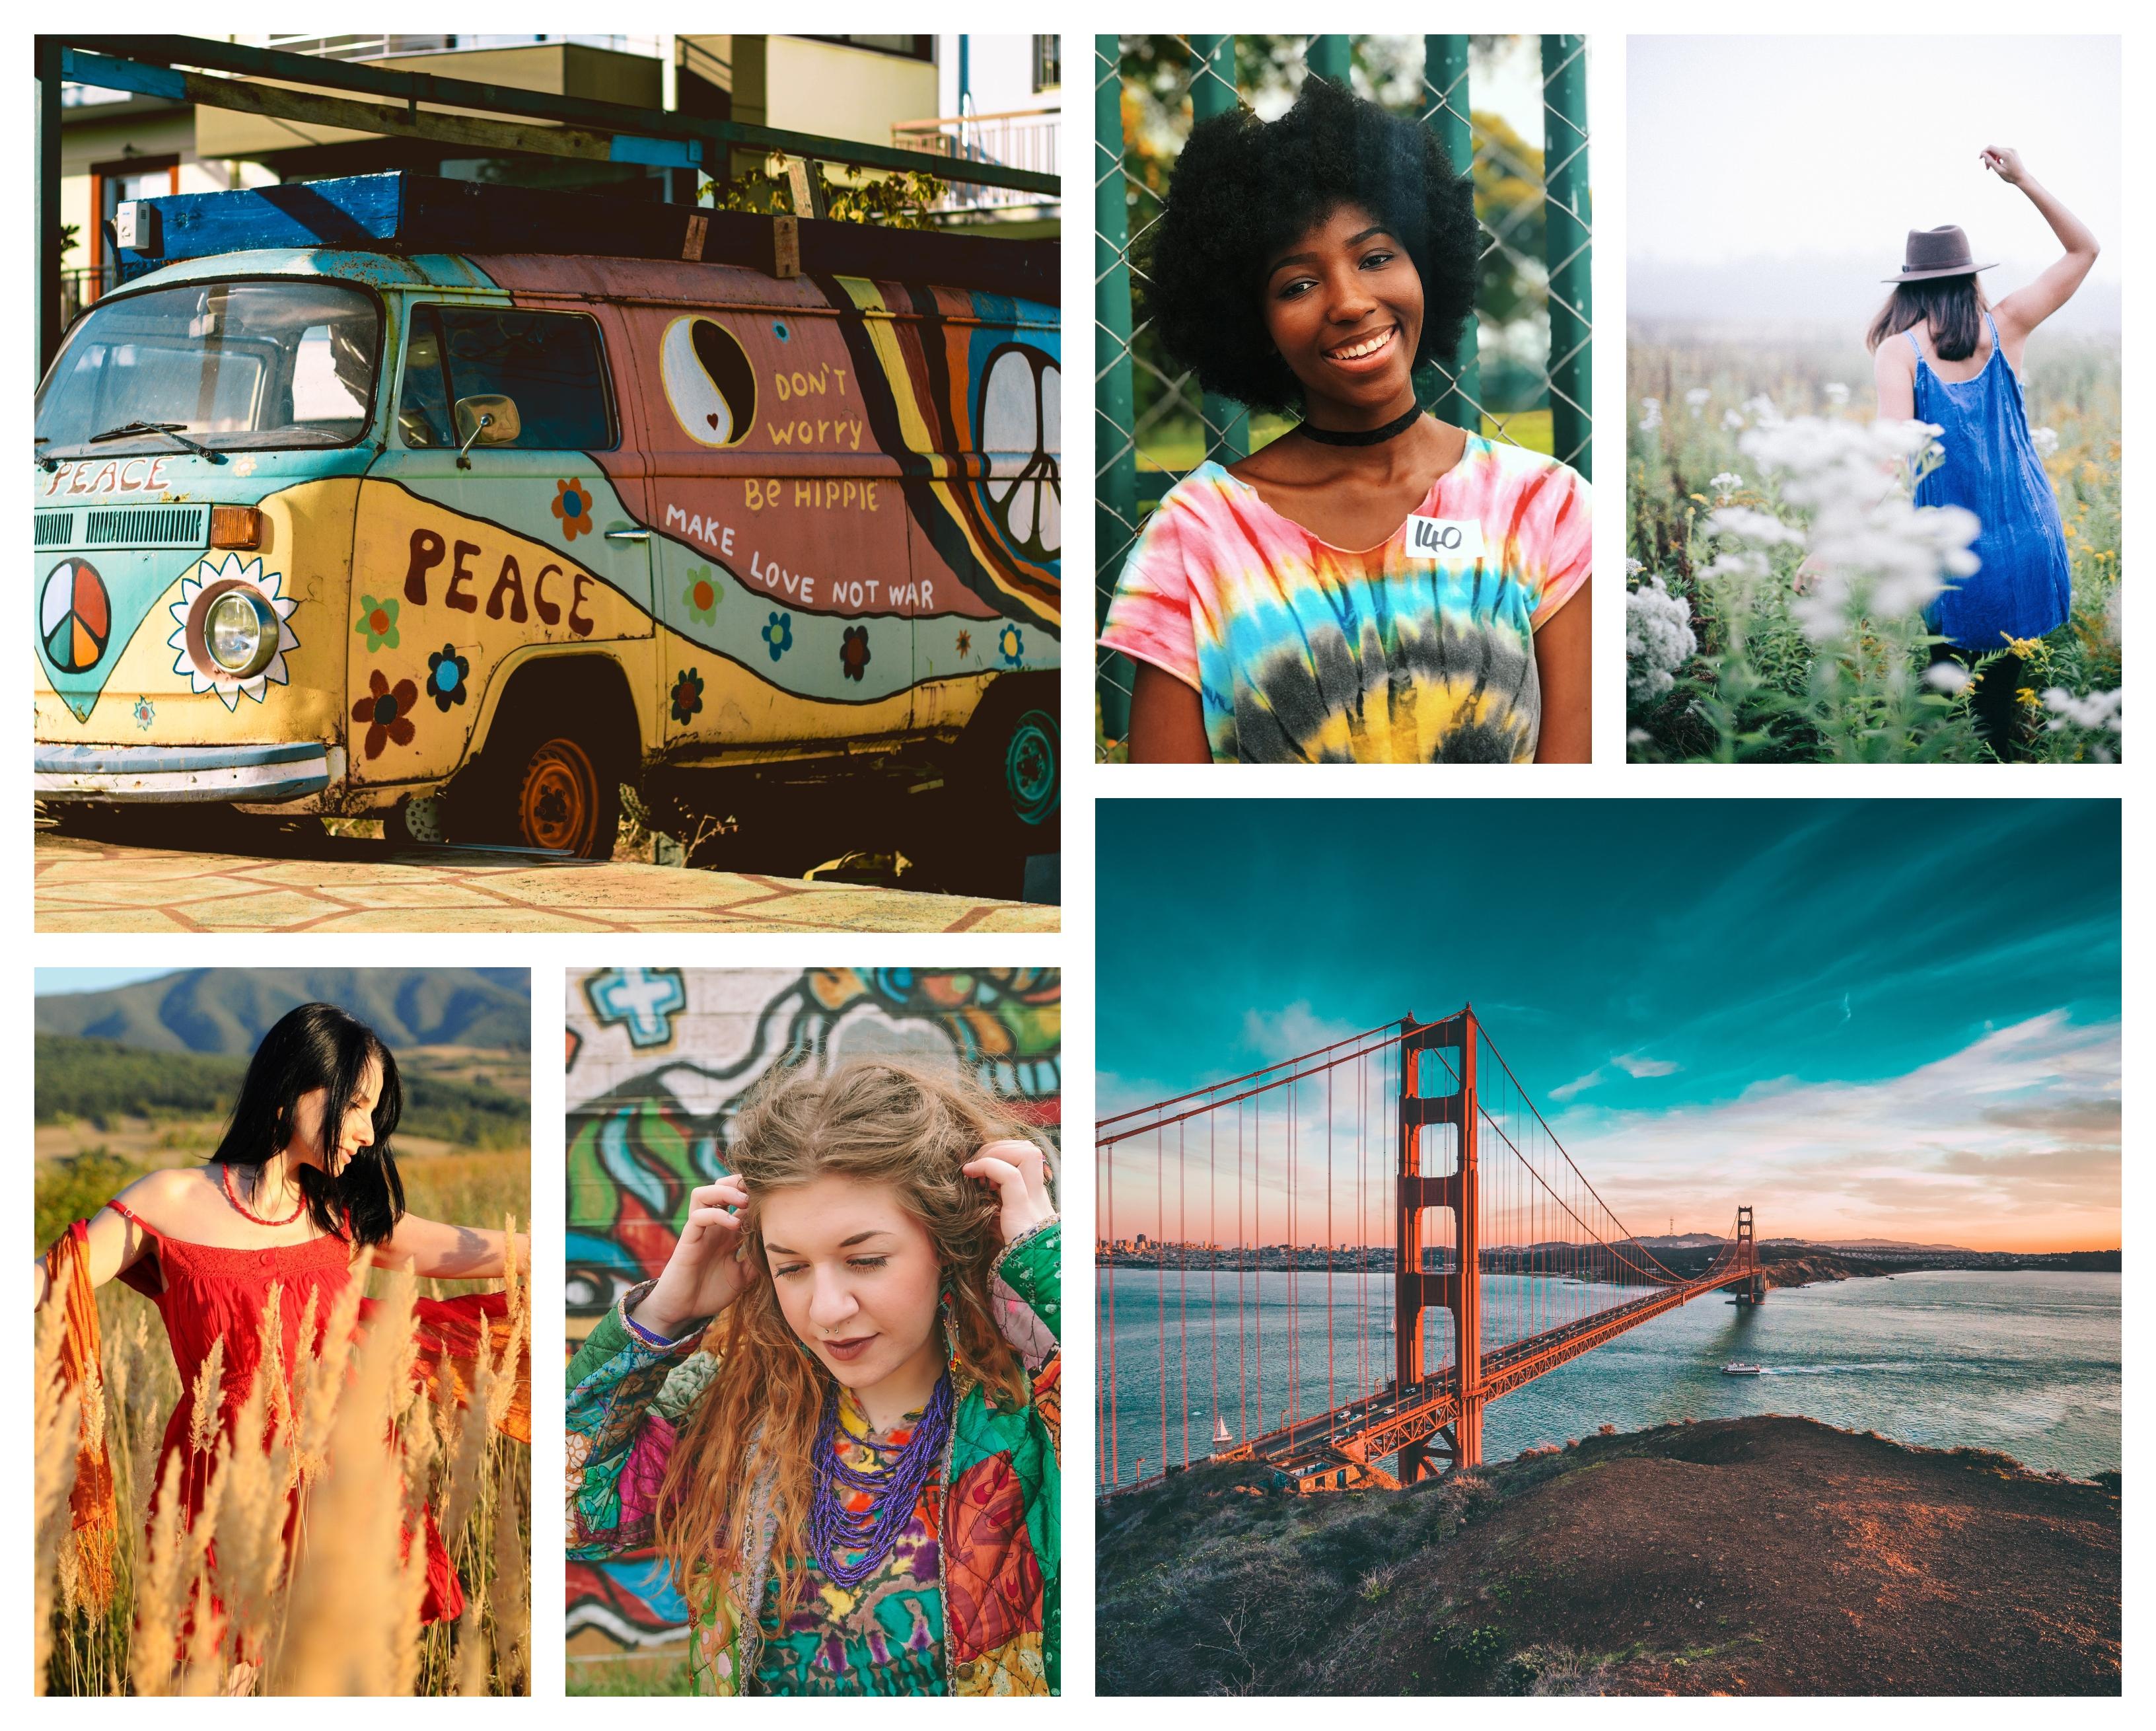 Hippie chic mode d'été 2020, comment s'habiller bien cet ete, San Francisco inspiration, Californie liberté